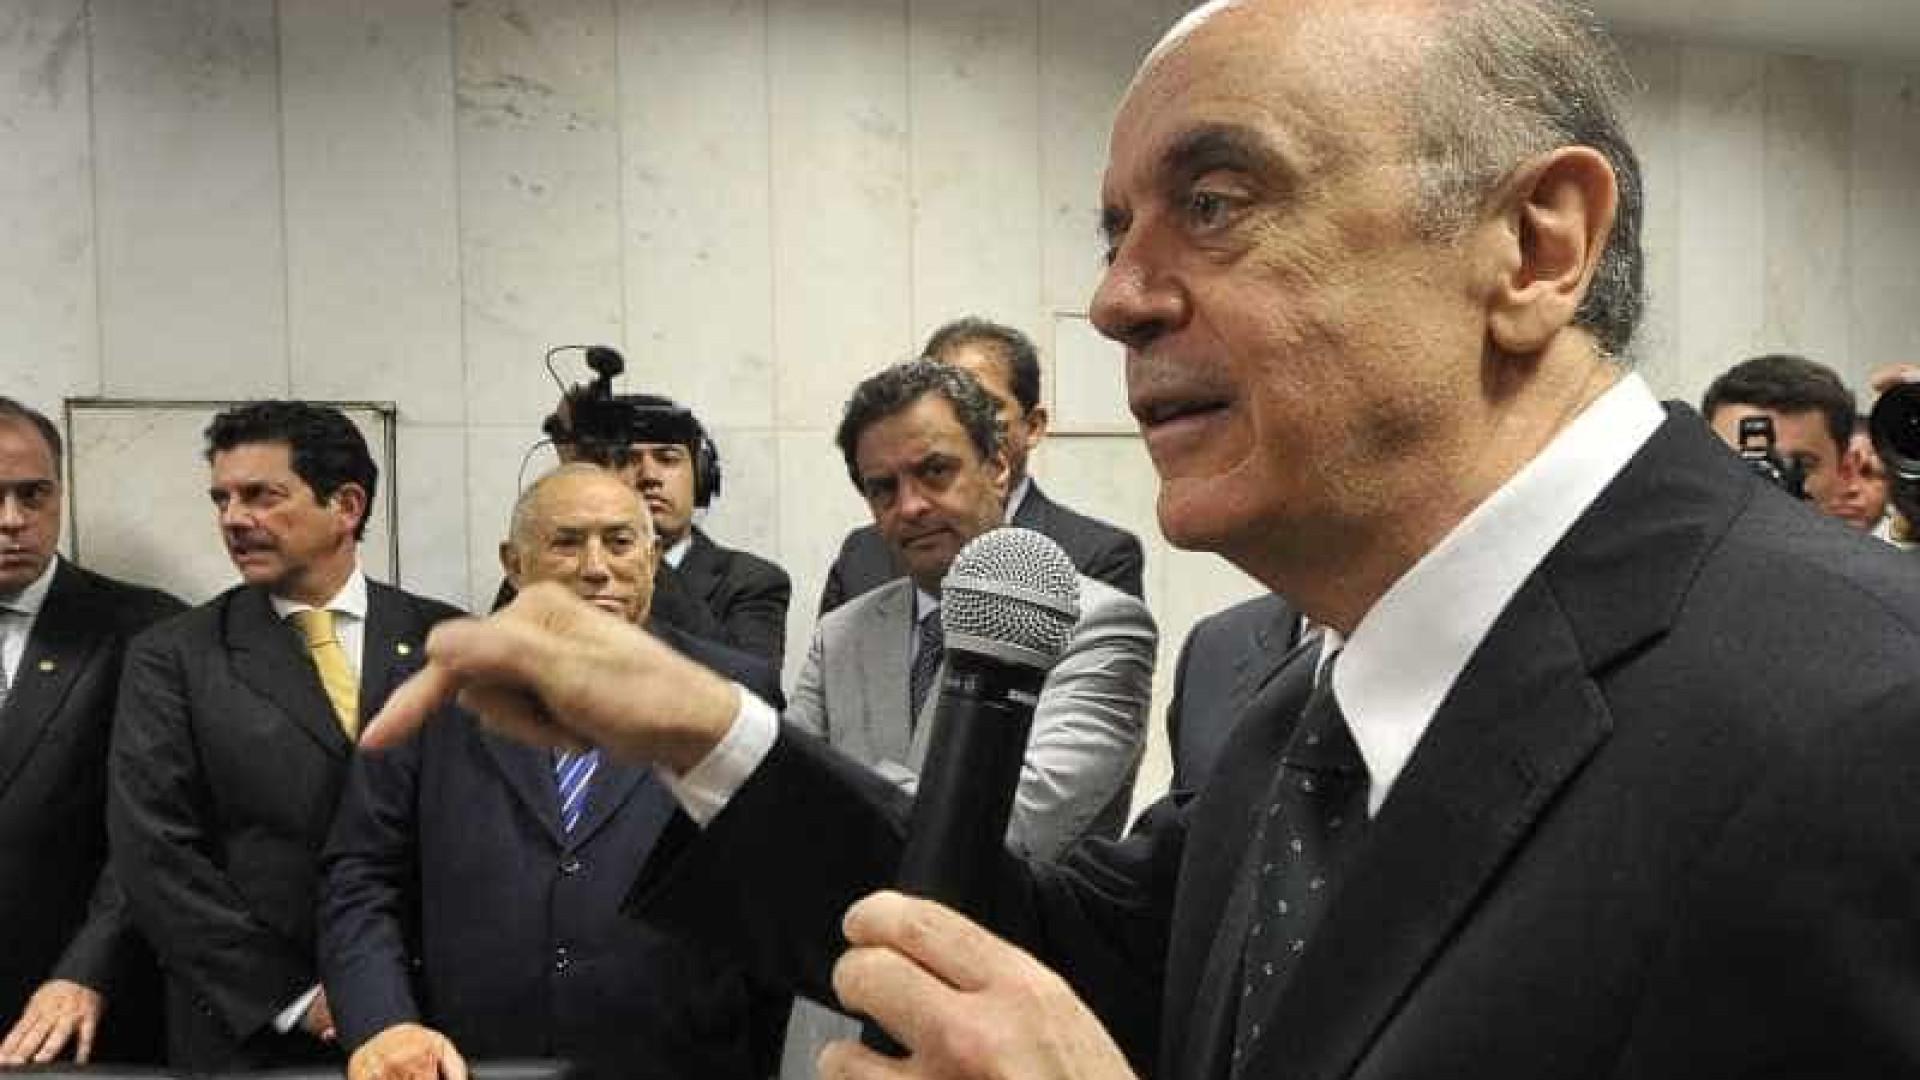 Serra busca novos acordos comerciais e critica subsídios agrícolas